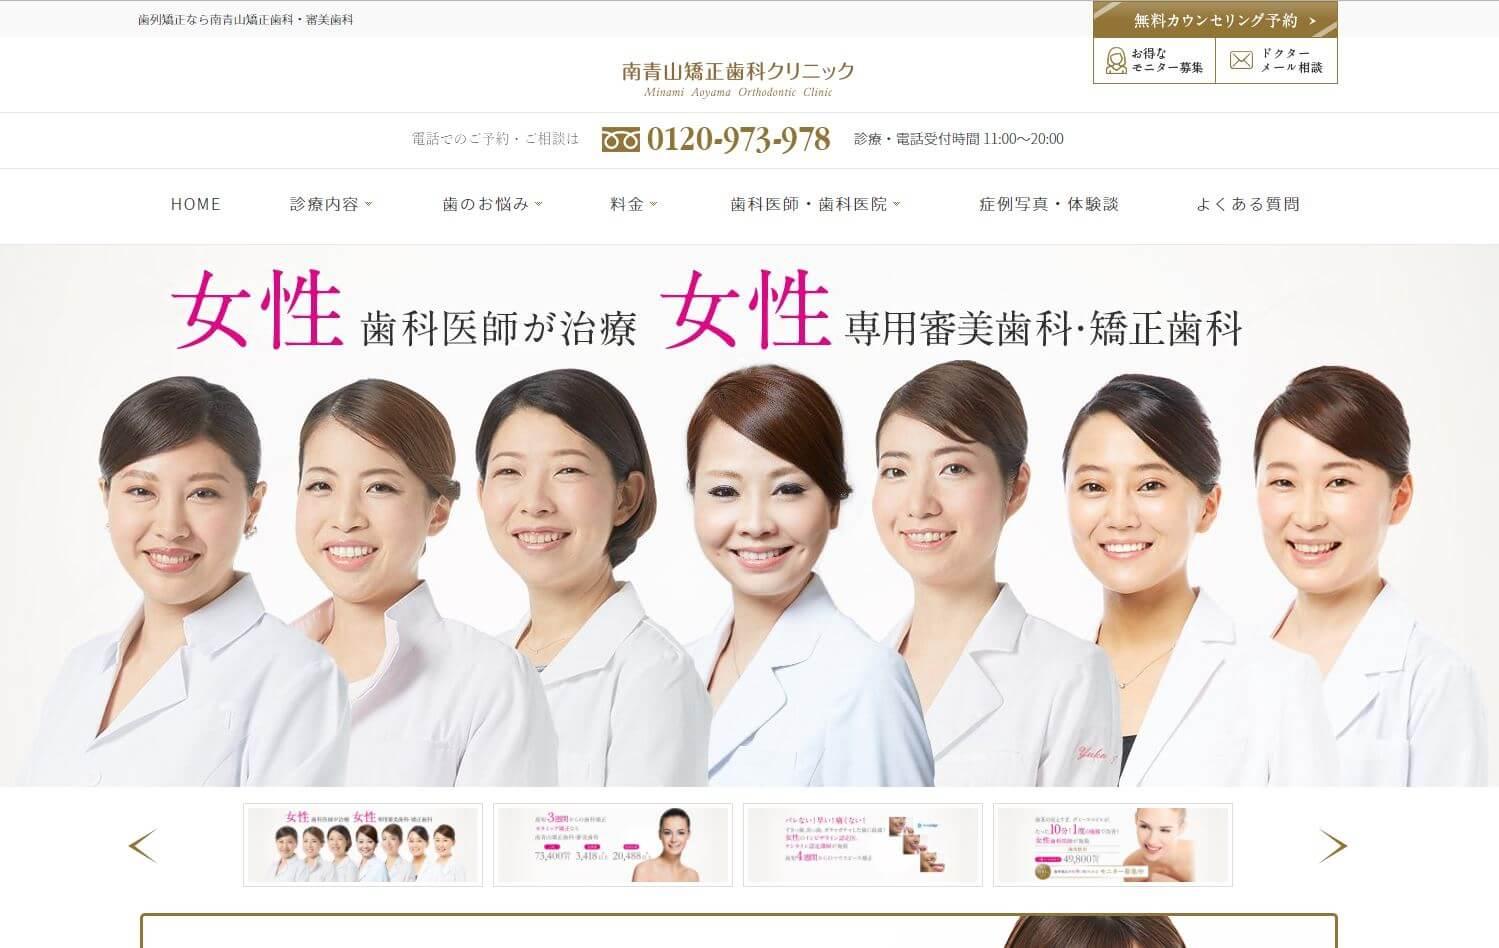 南青山矯正歯科クリニック (サイトイメージ)